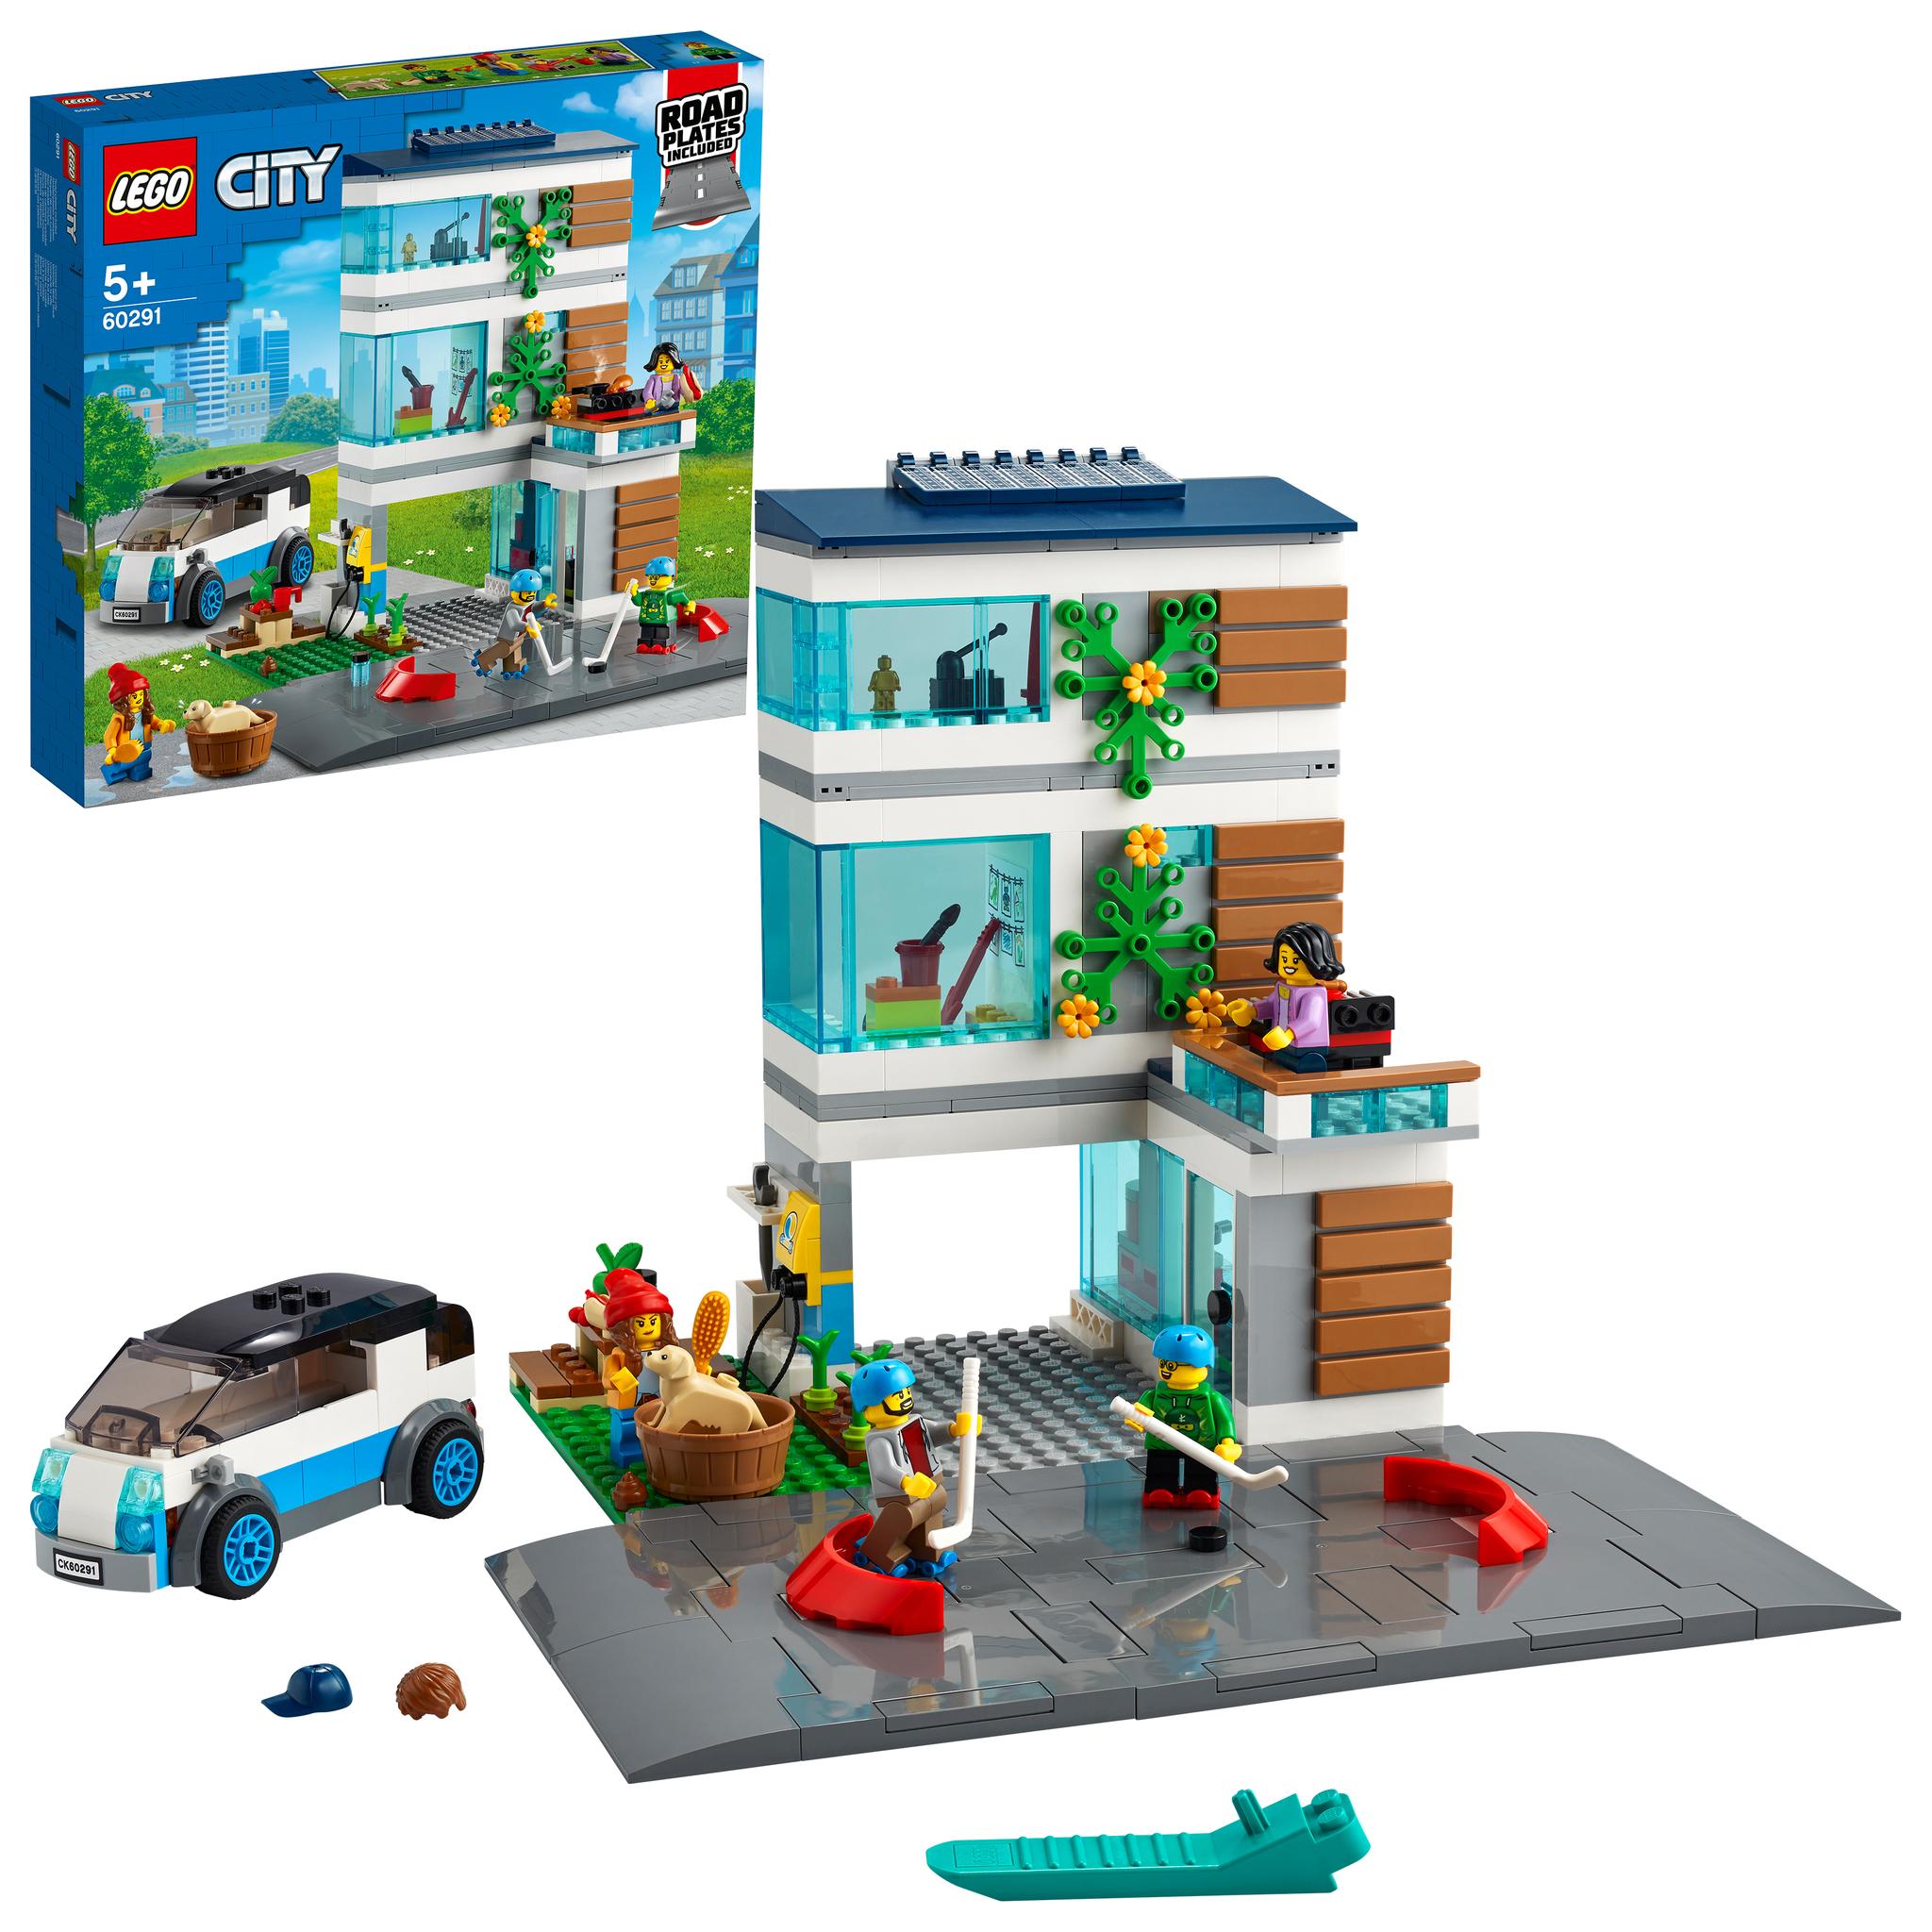 Конструктор LEGO City 60291 Семейный дом